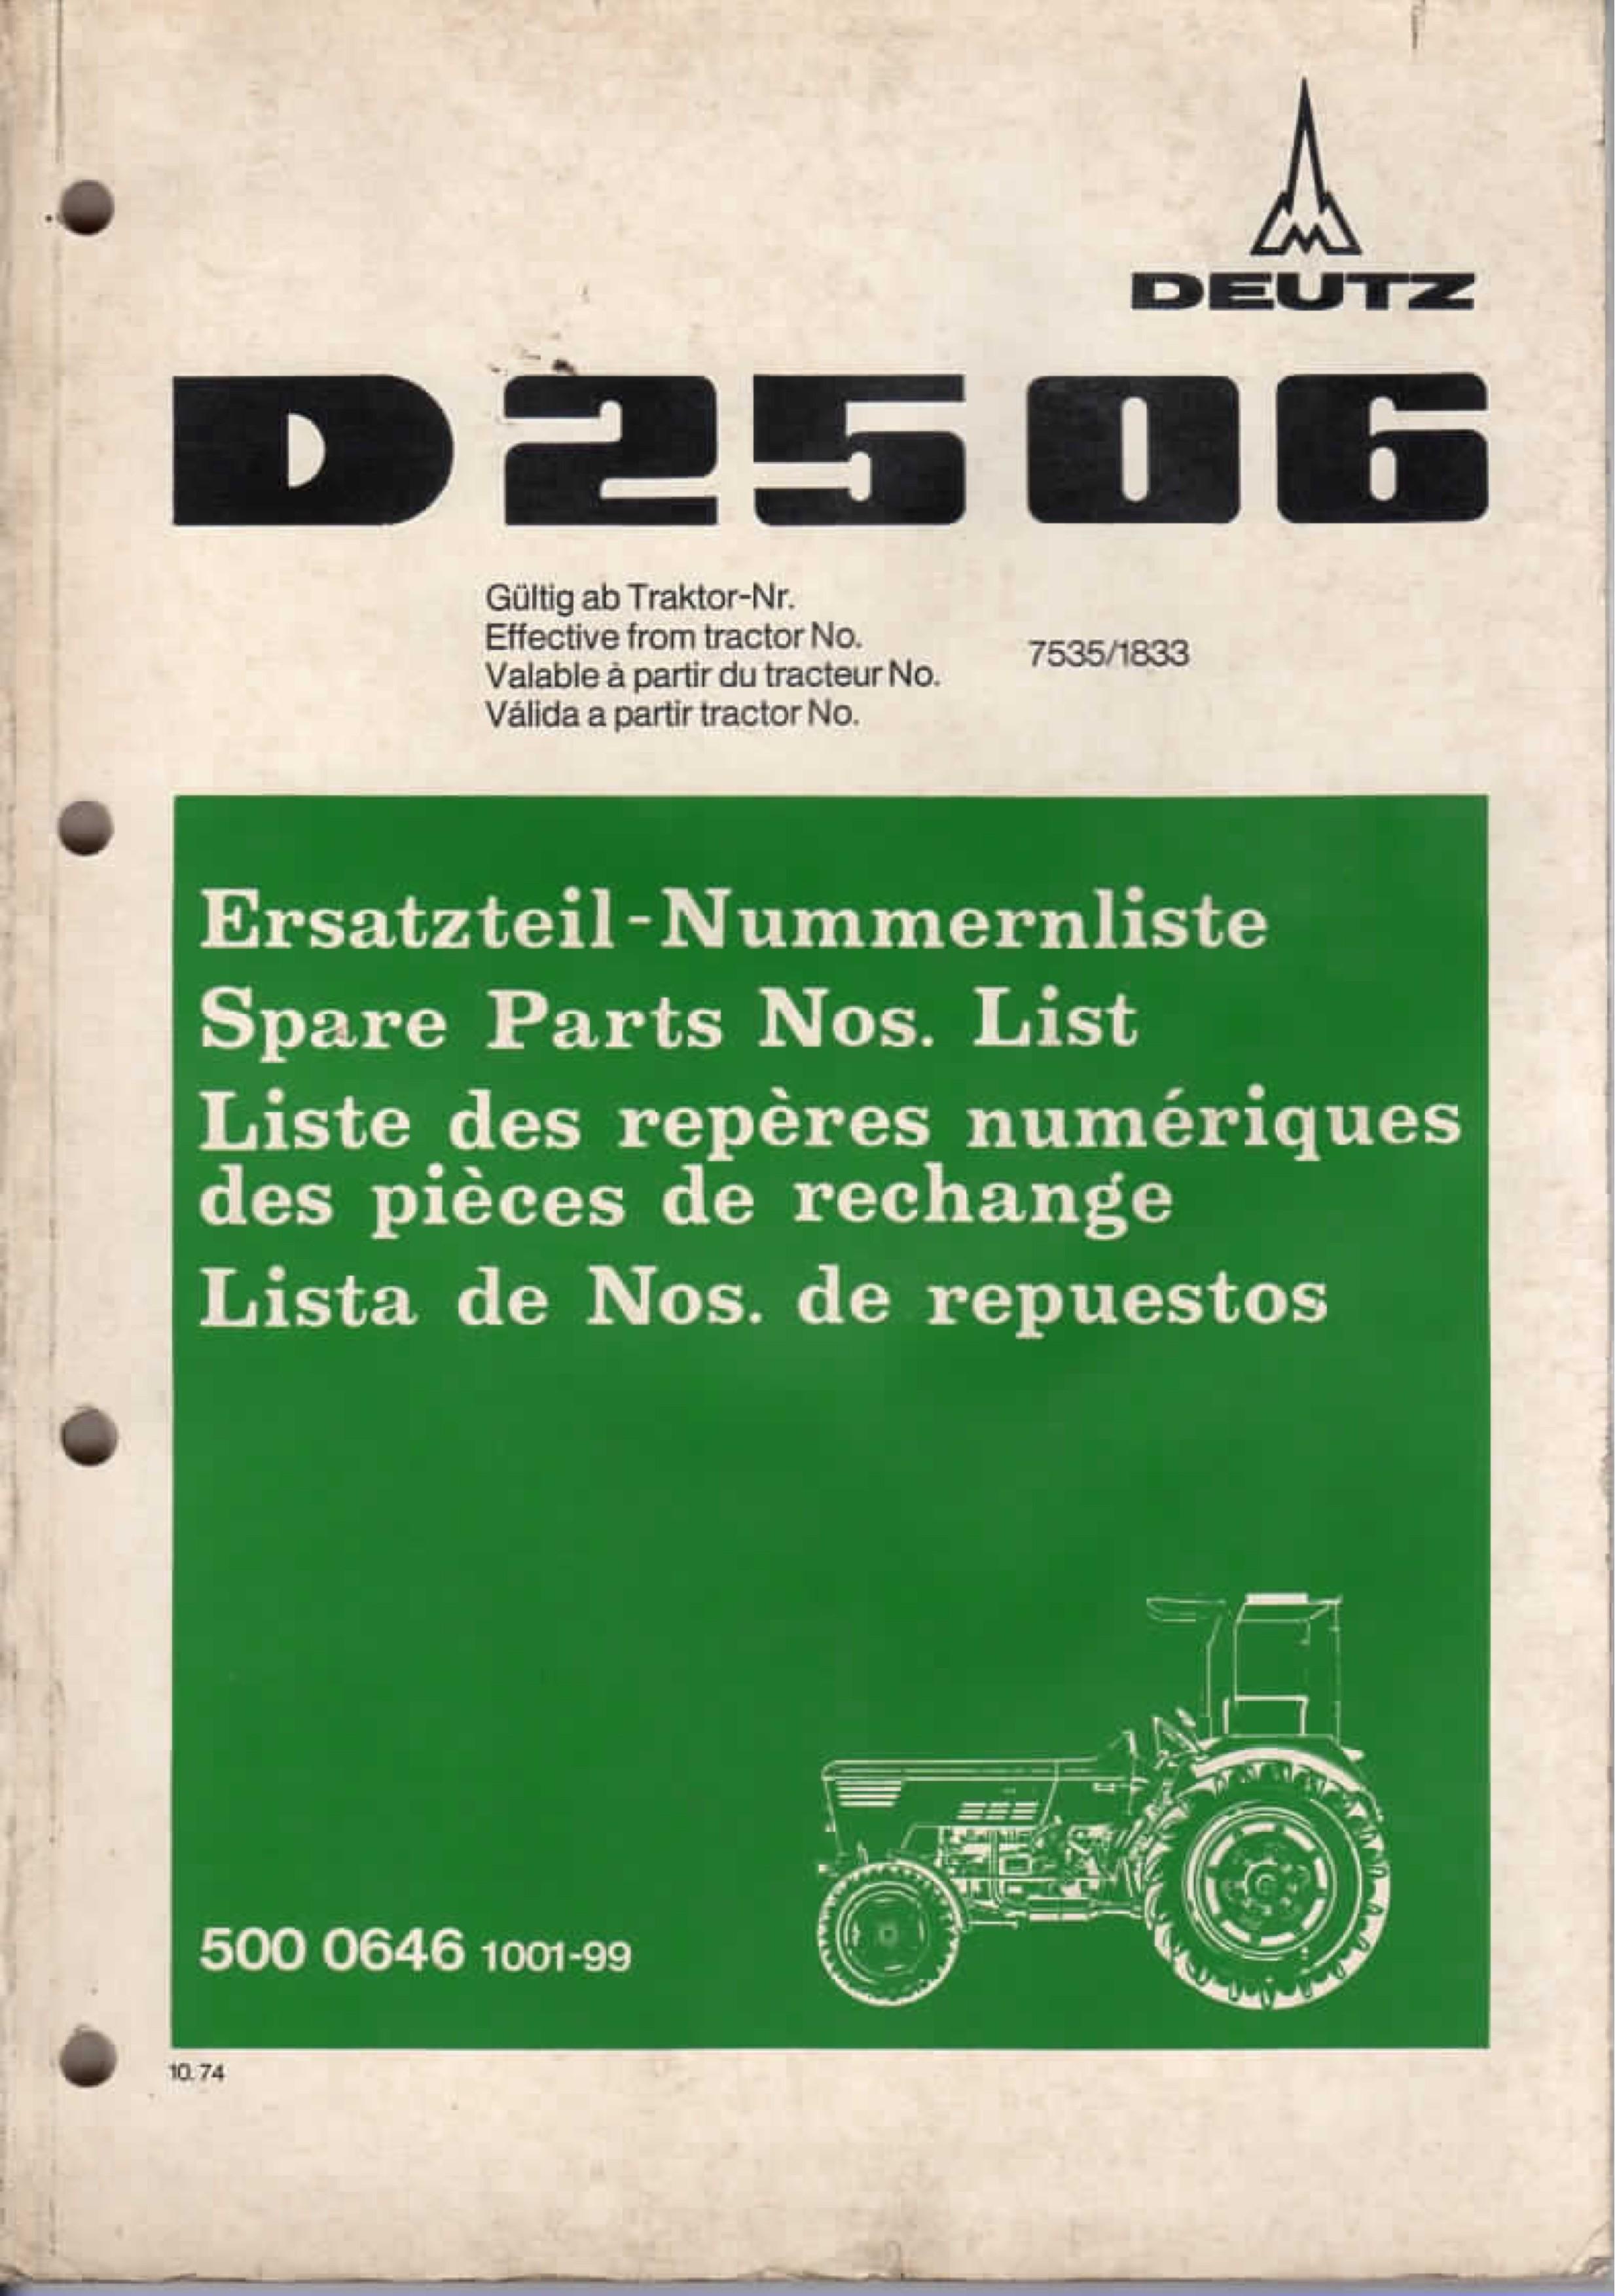 Deutz Schlepper D2506 Ersatzteil-Katalog